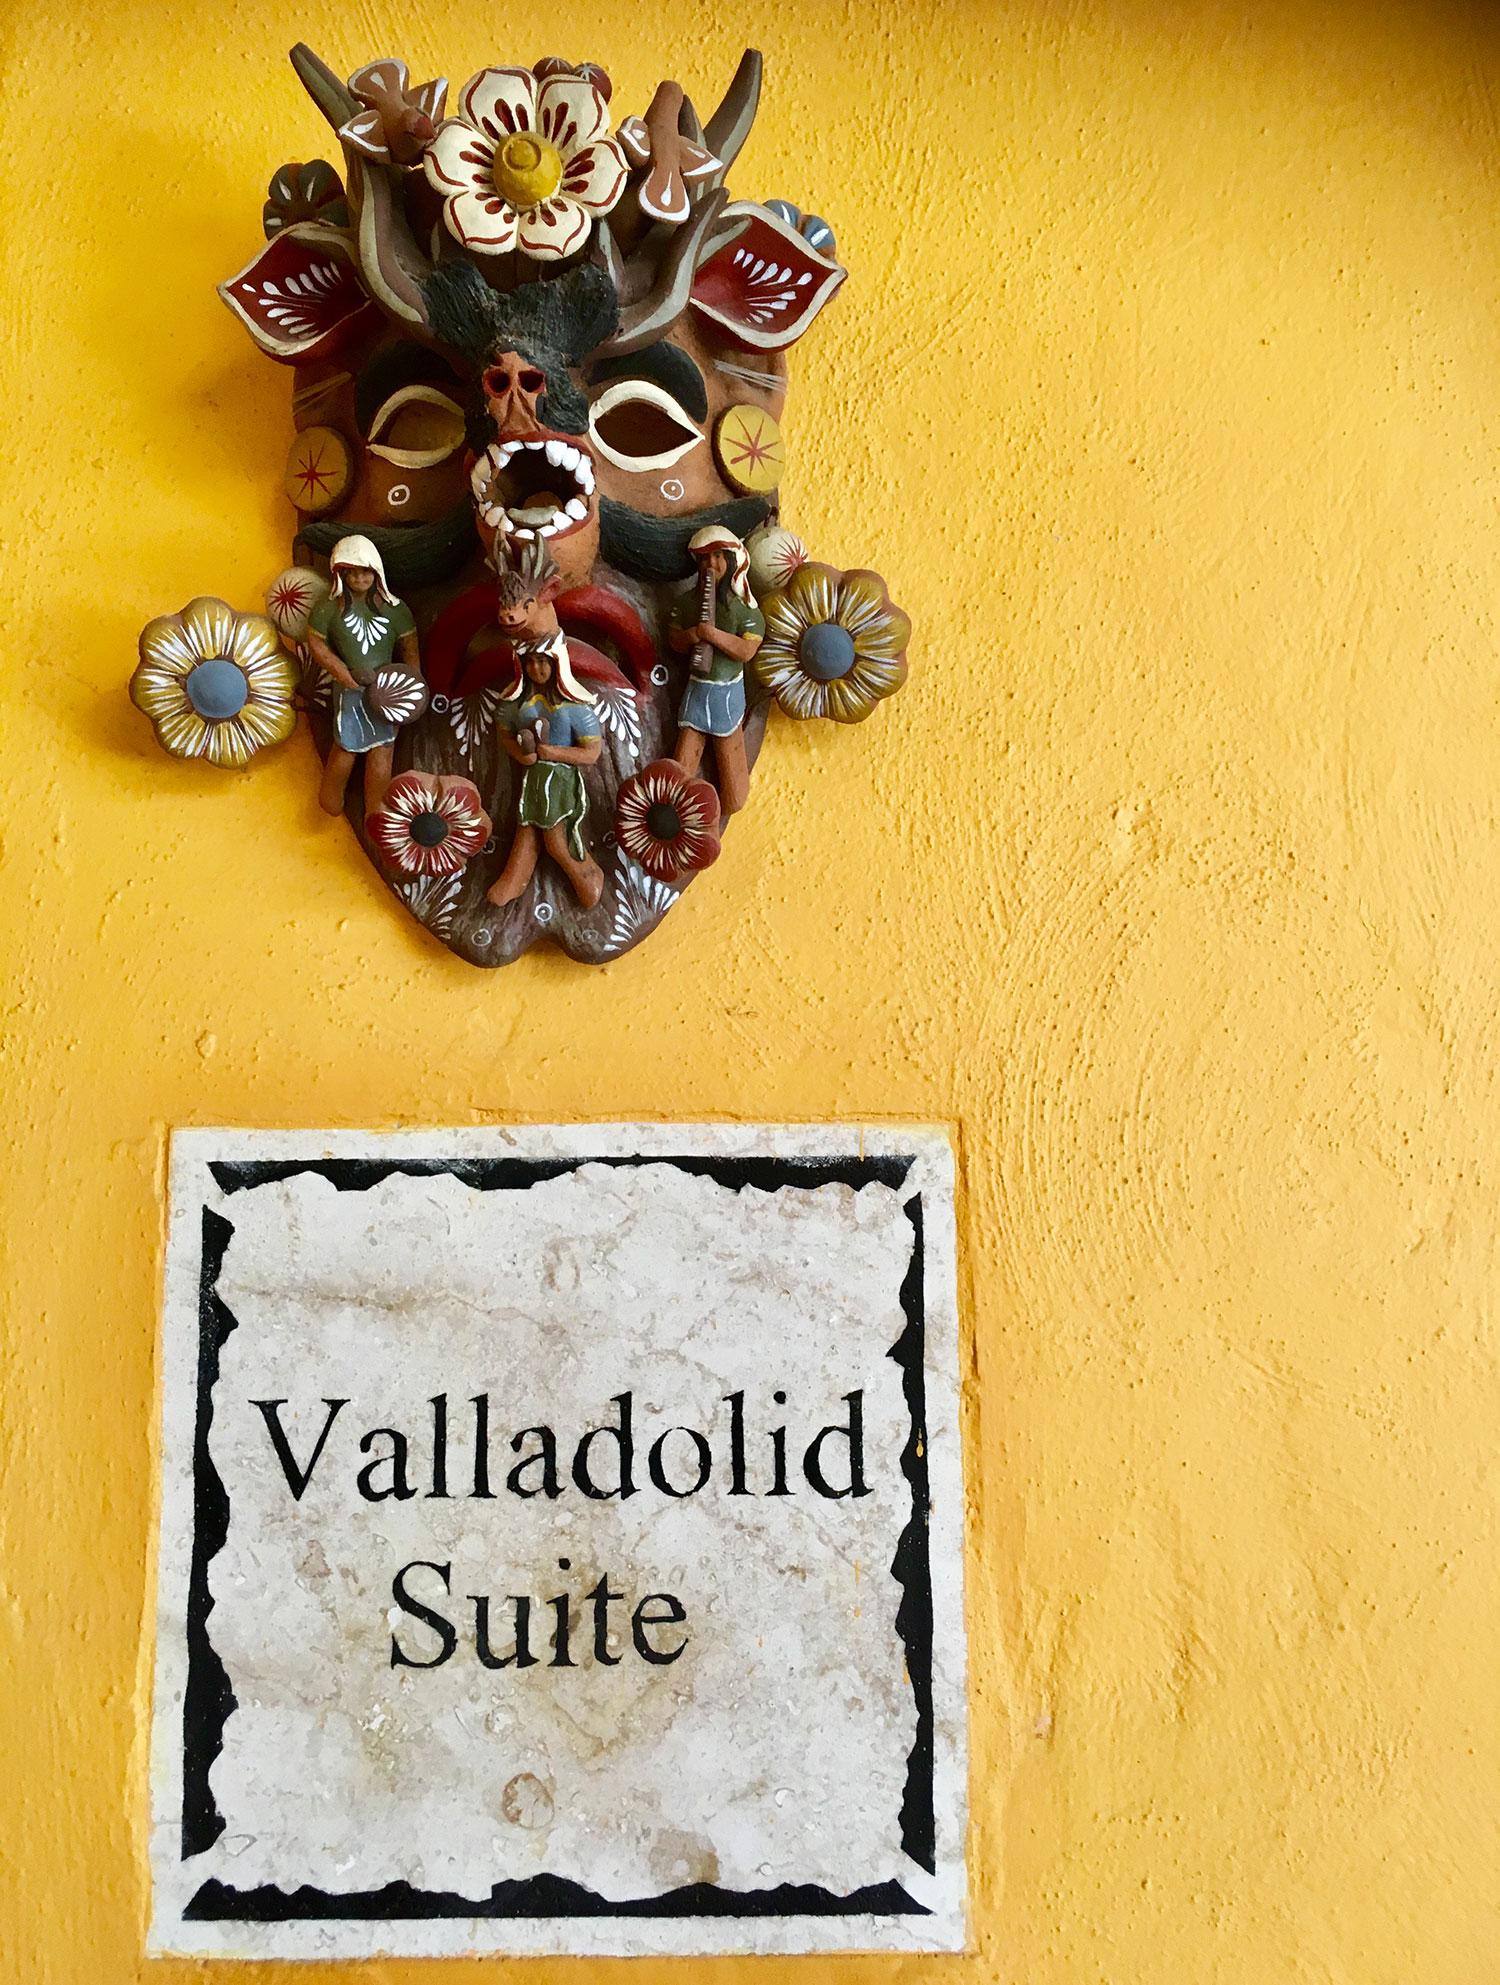 Hammocks_and_Ruins_What_to_Do_Mexico_Mayan_pyramid_museum_Valladolid_Casa_de_los_Venados_23.jpg